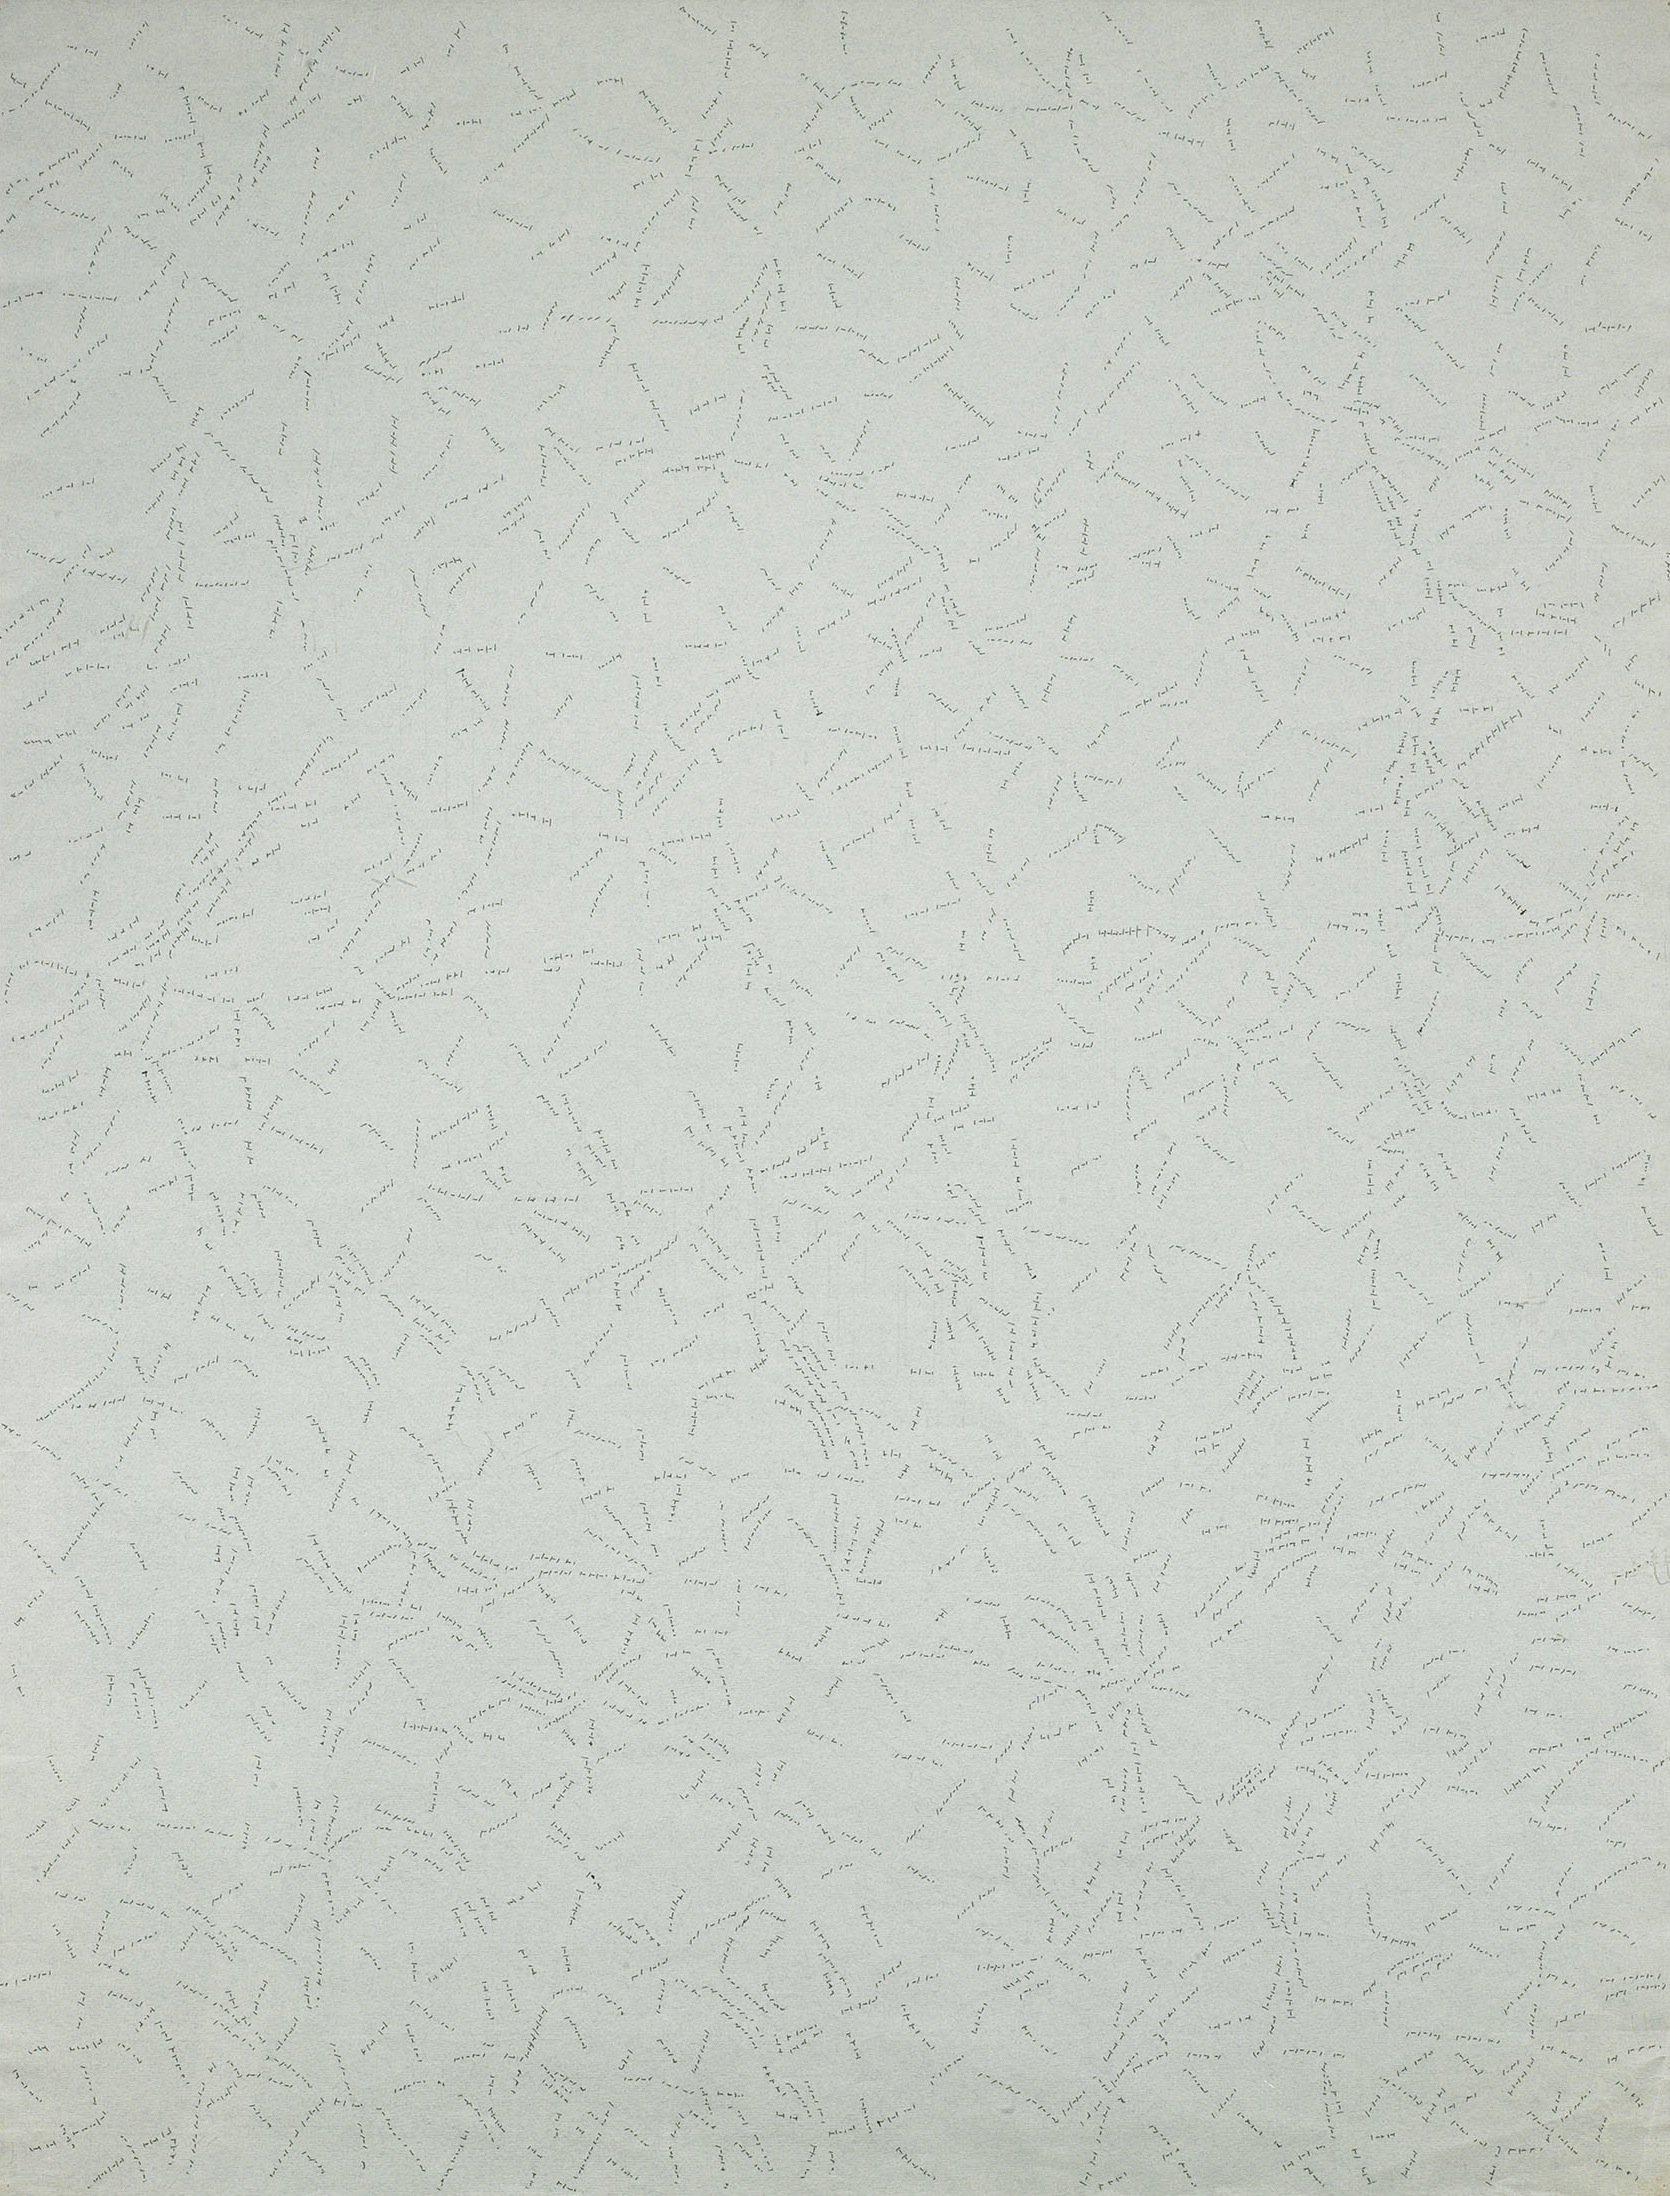 Dadamaino, Interludio, 1981, 62,5 x 48,5 cm